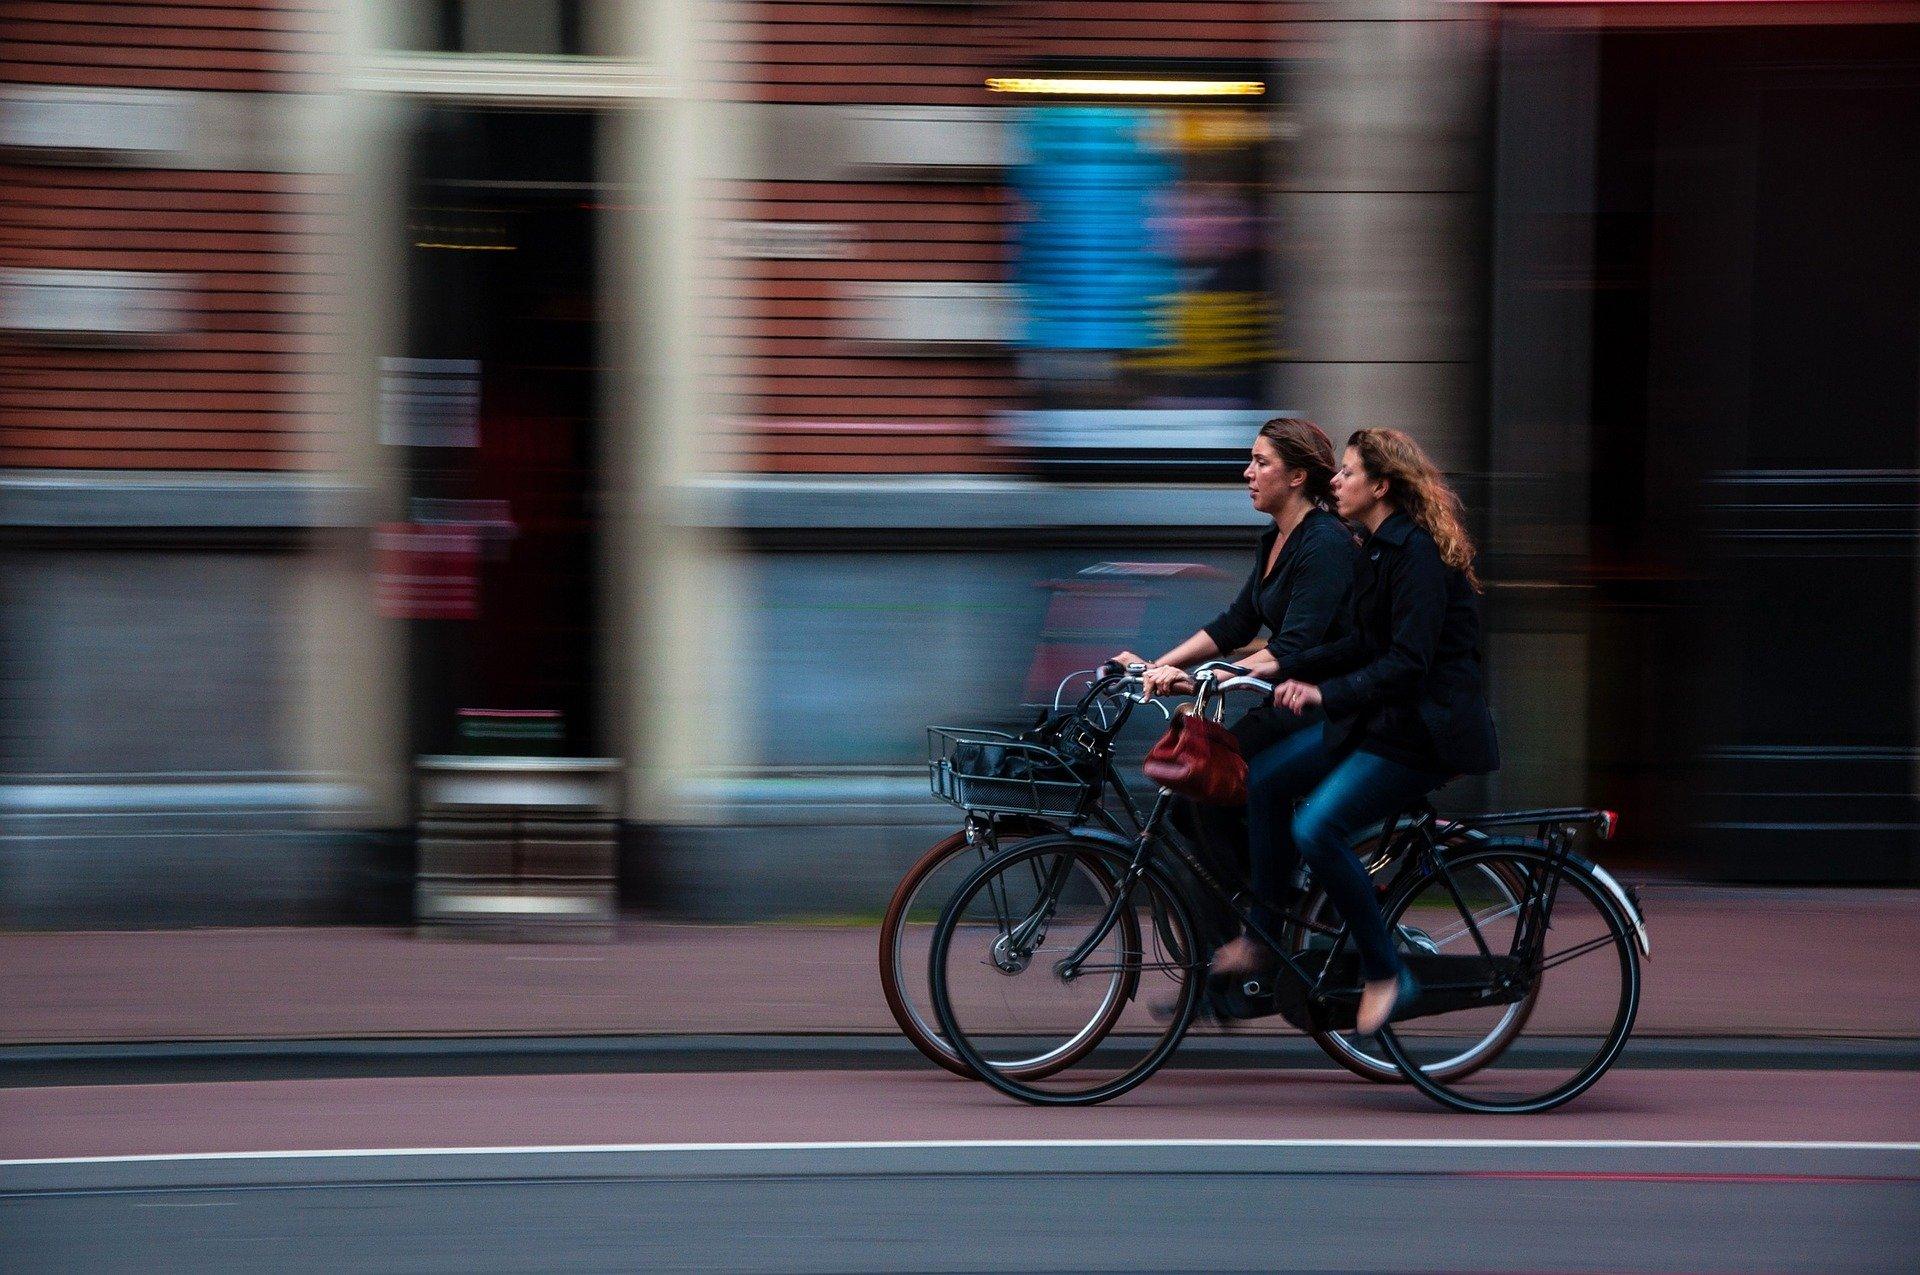 Zwei Frauen fahren nebeneinander auf einem Radweg in der Innenstadt.